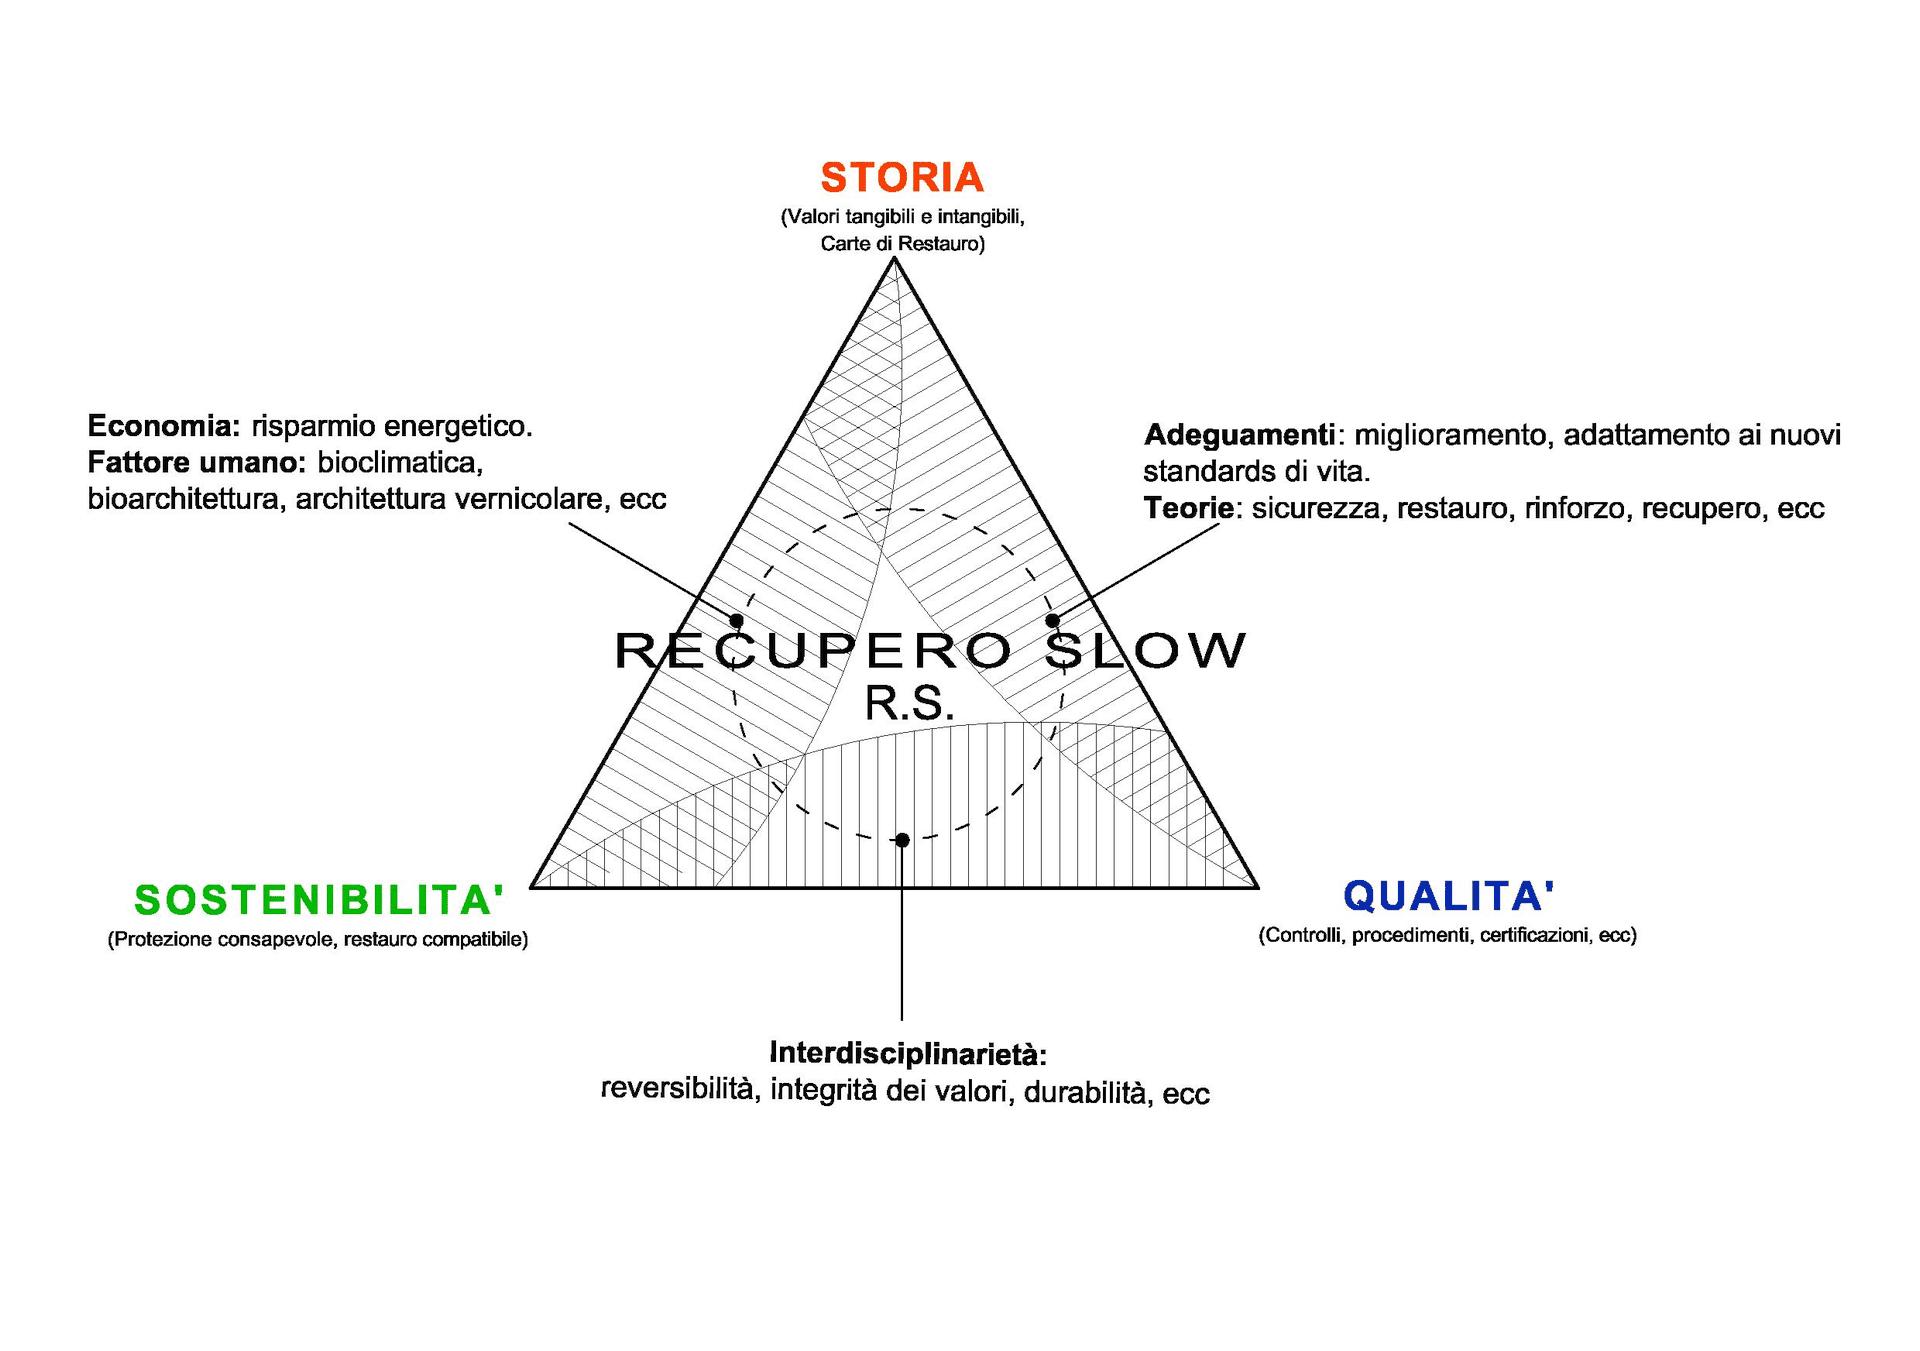 Diagramma della filosofia del restauro.